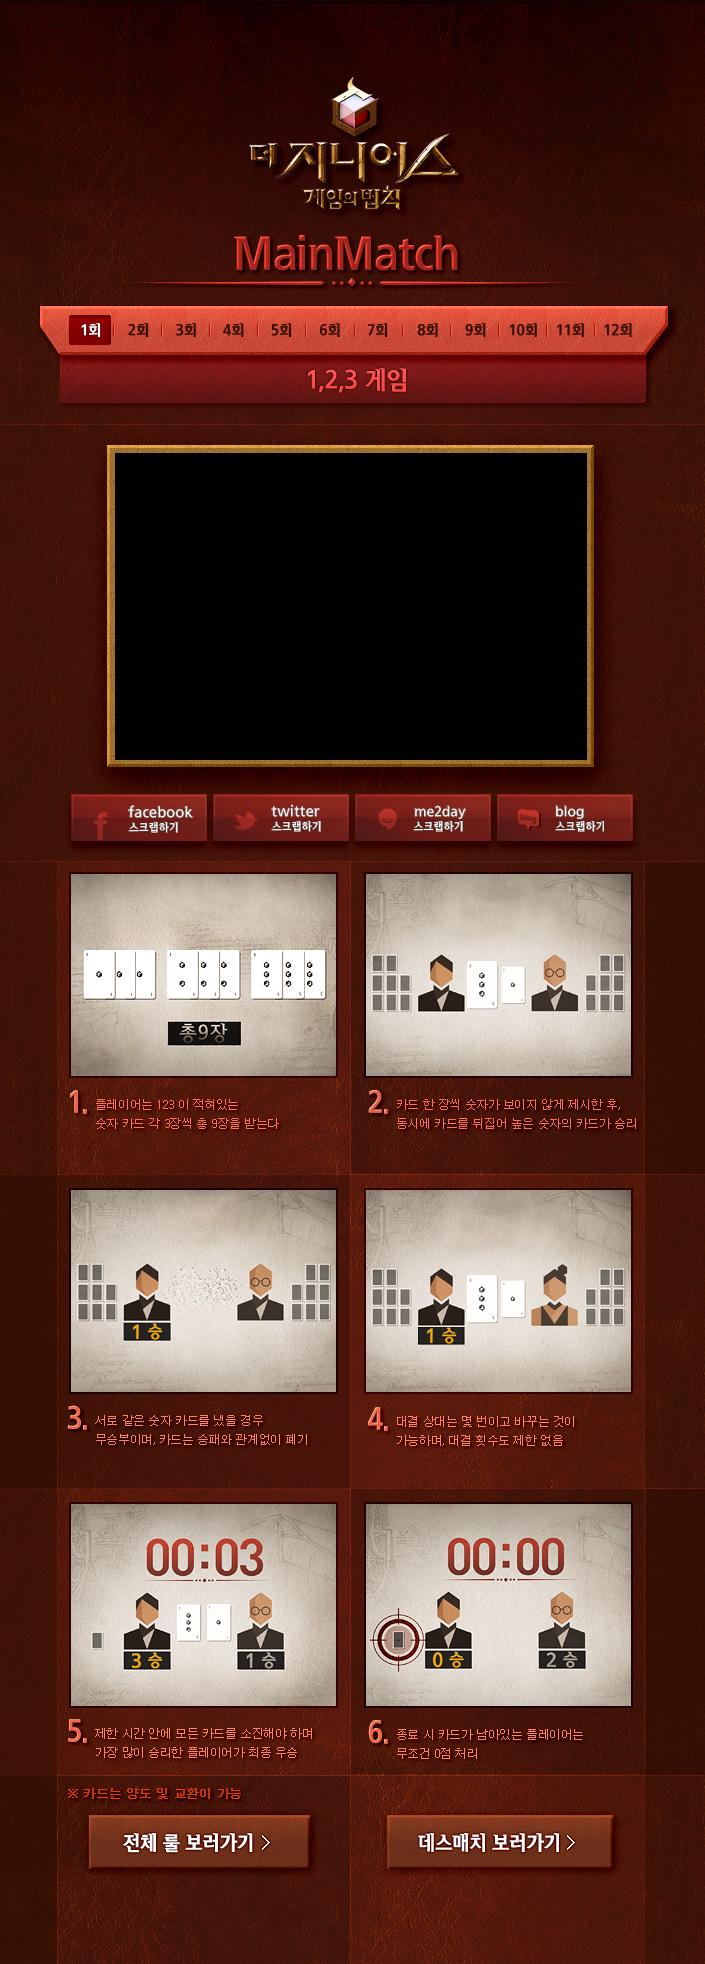 [tvN]더 지니어스:게임의 법칙-1,2,3게임